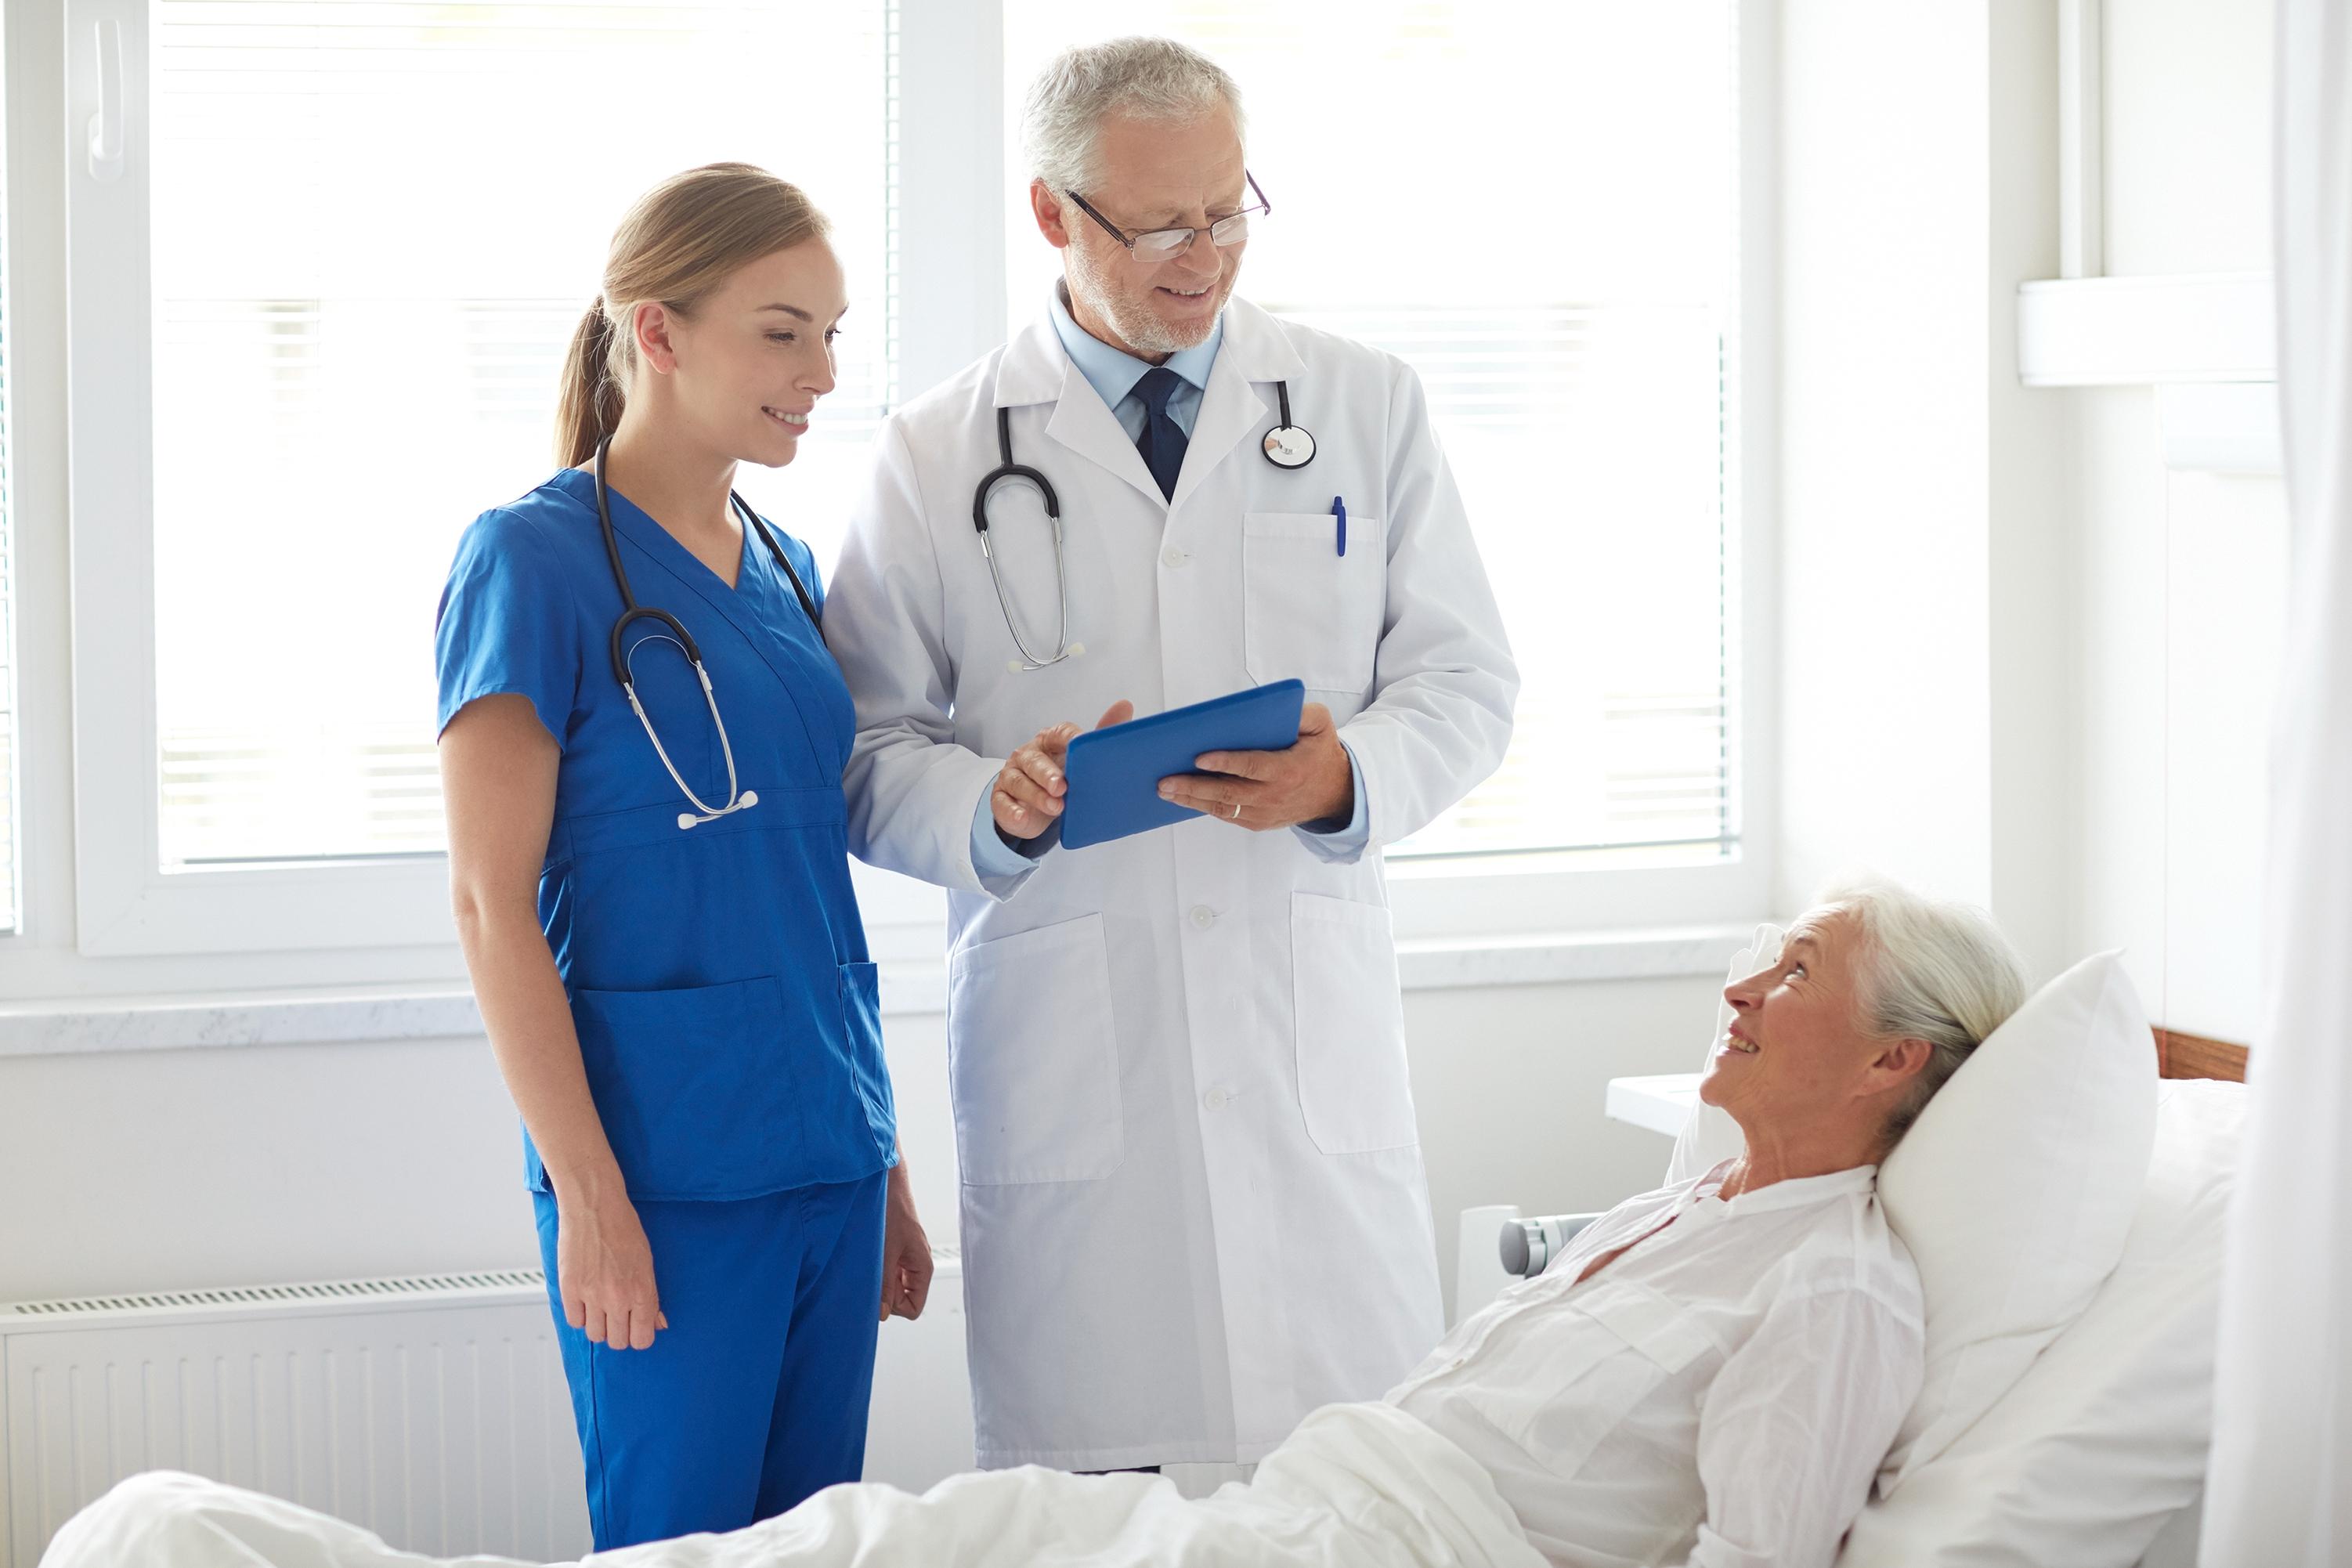 Врачи и пациентка в больнице в Италии, где можно получить ВНЖ для лечения